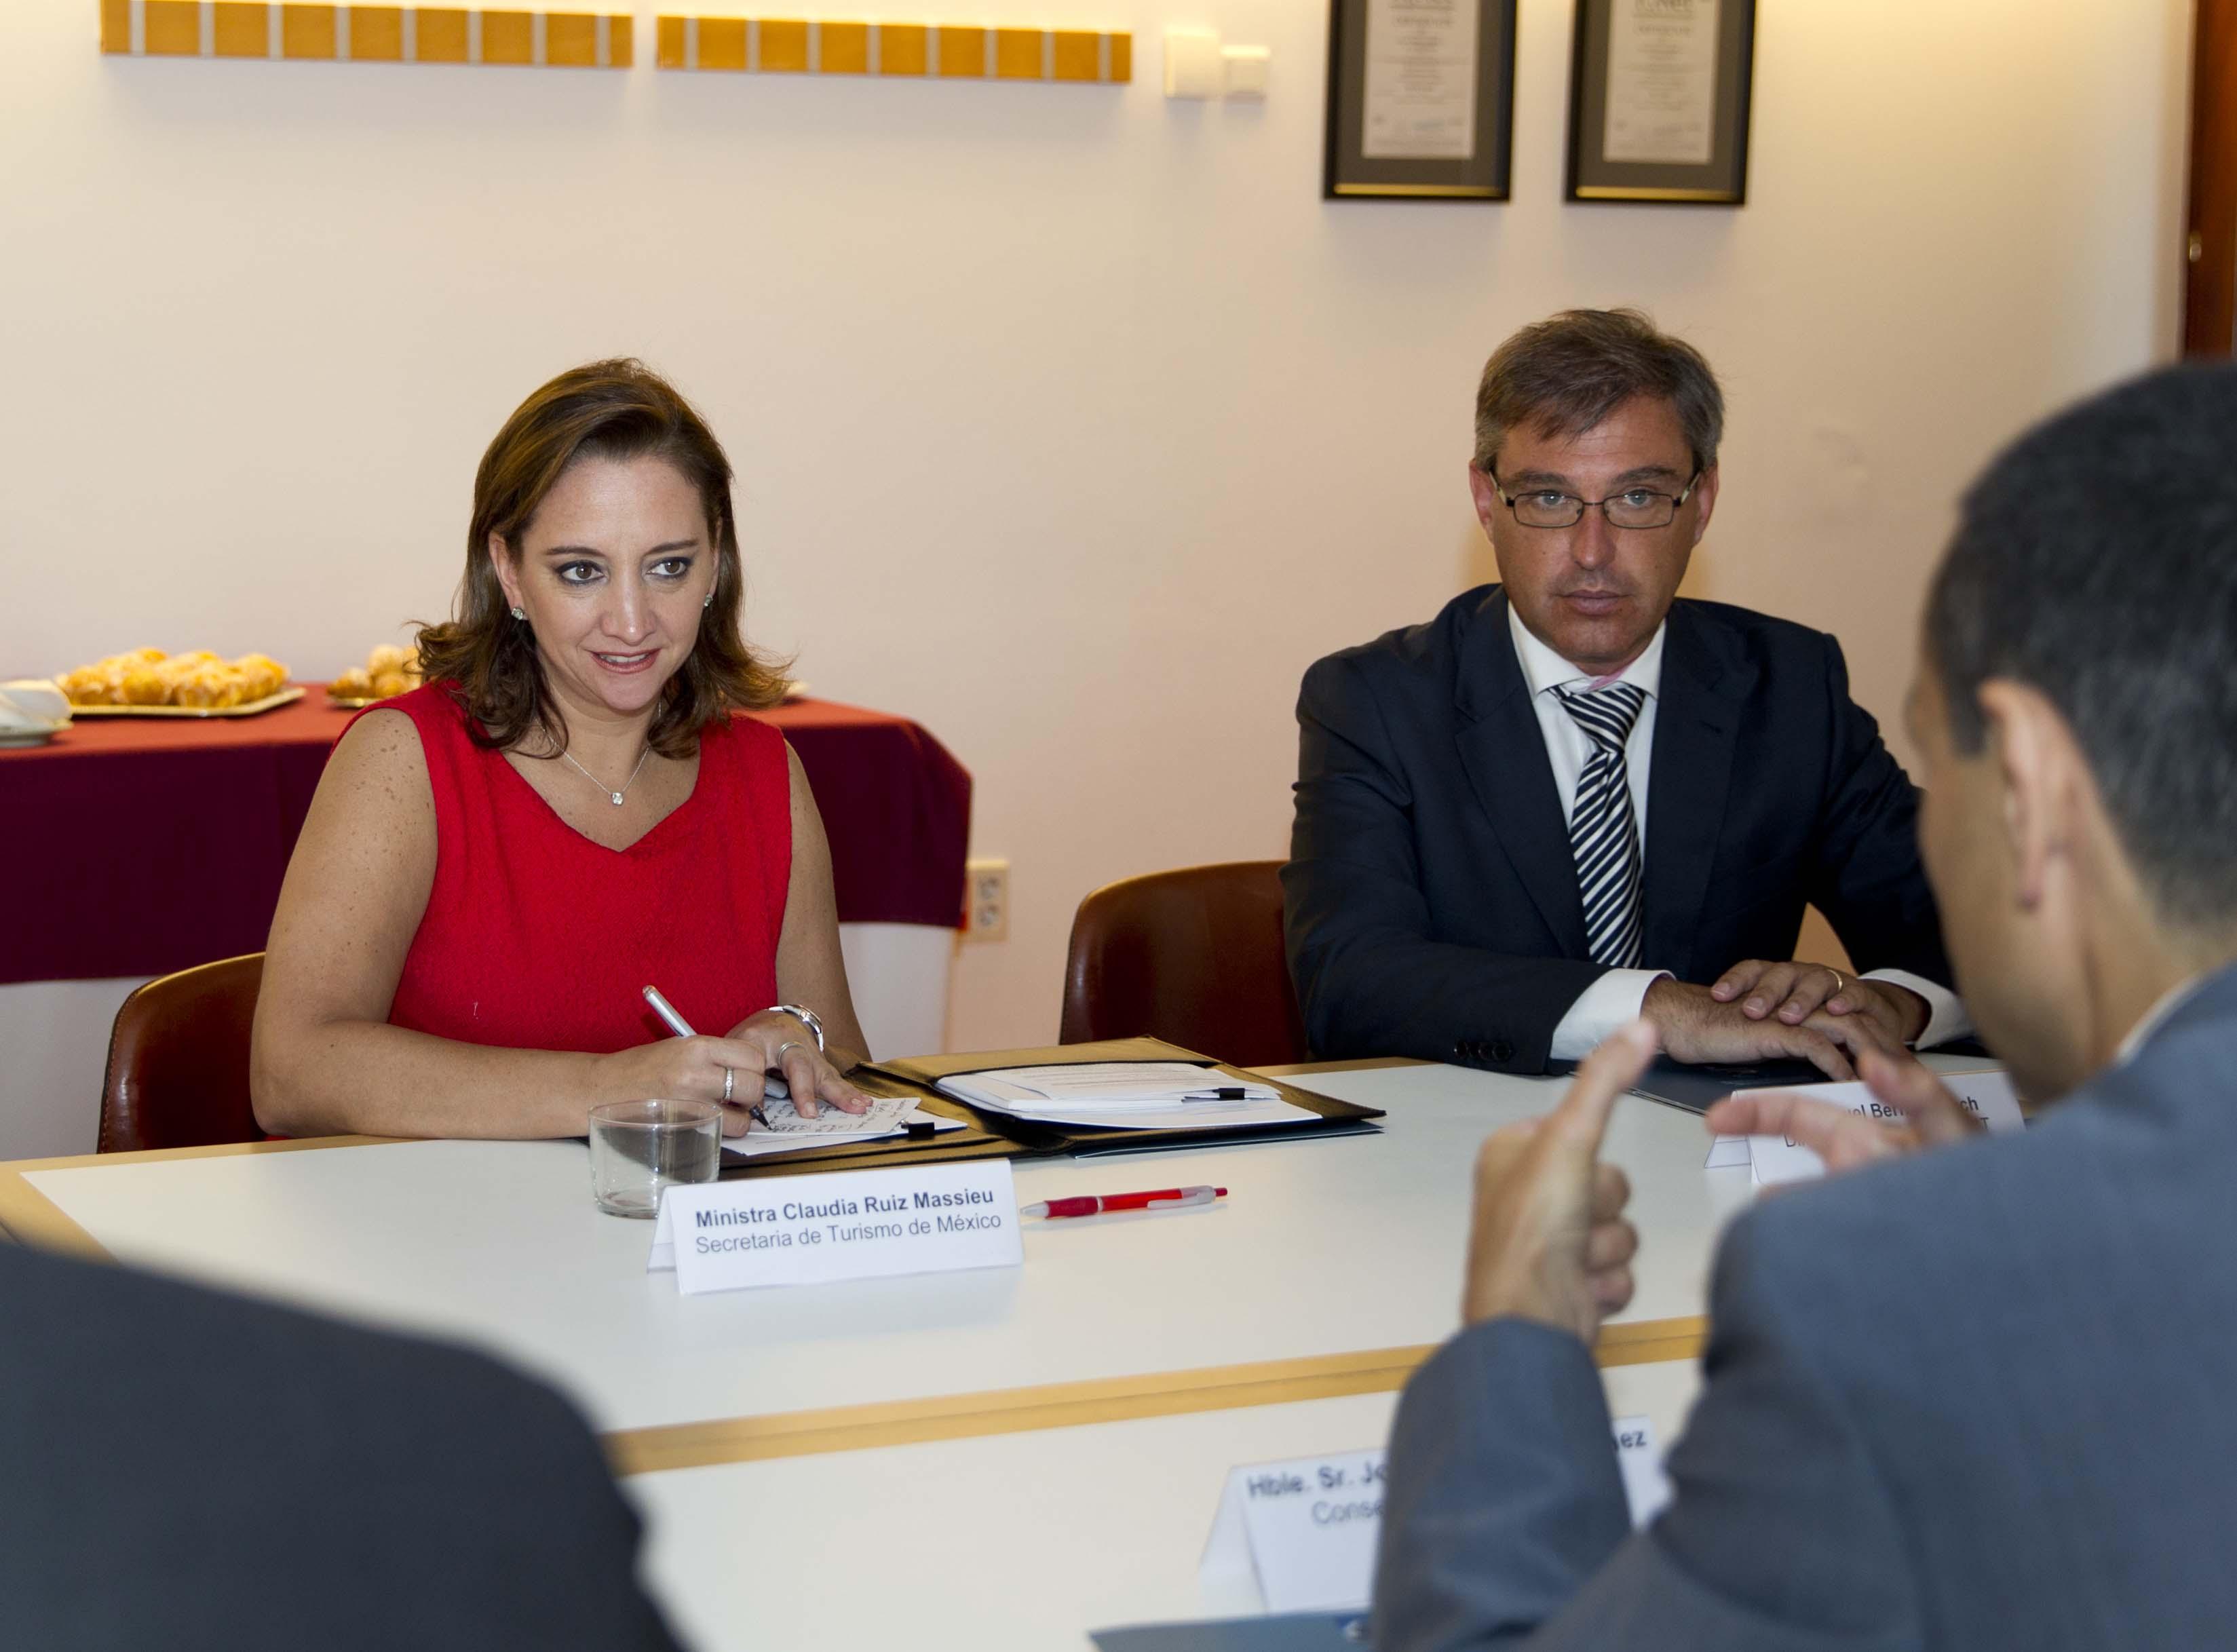 La Secretaria de Turismo del Gobierno de la República, Claudia Ruiz Massieu, sostuvo una reunión con el presidente de las Islas Baleares, José Ramón Bauzá Díaz.